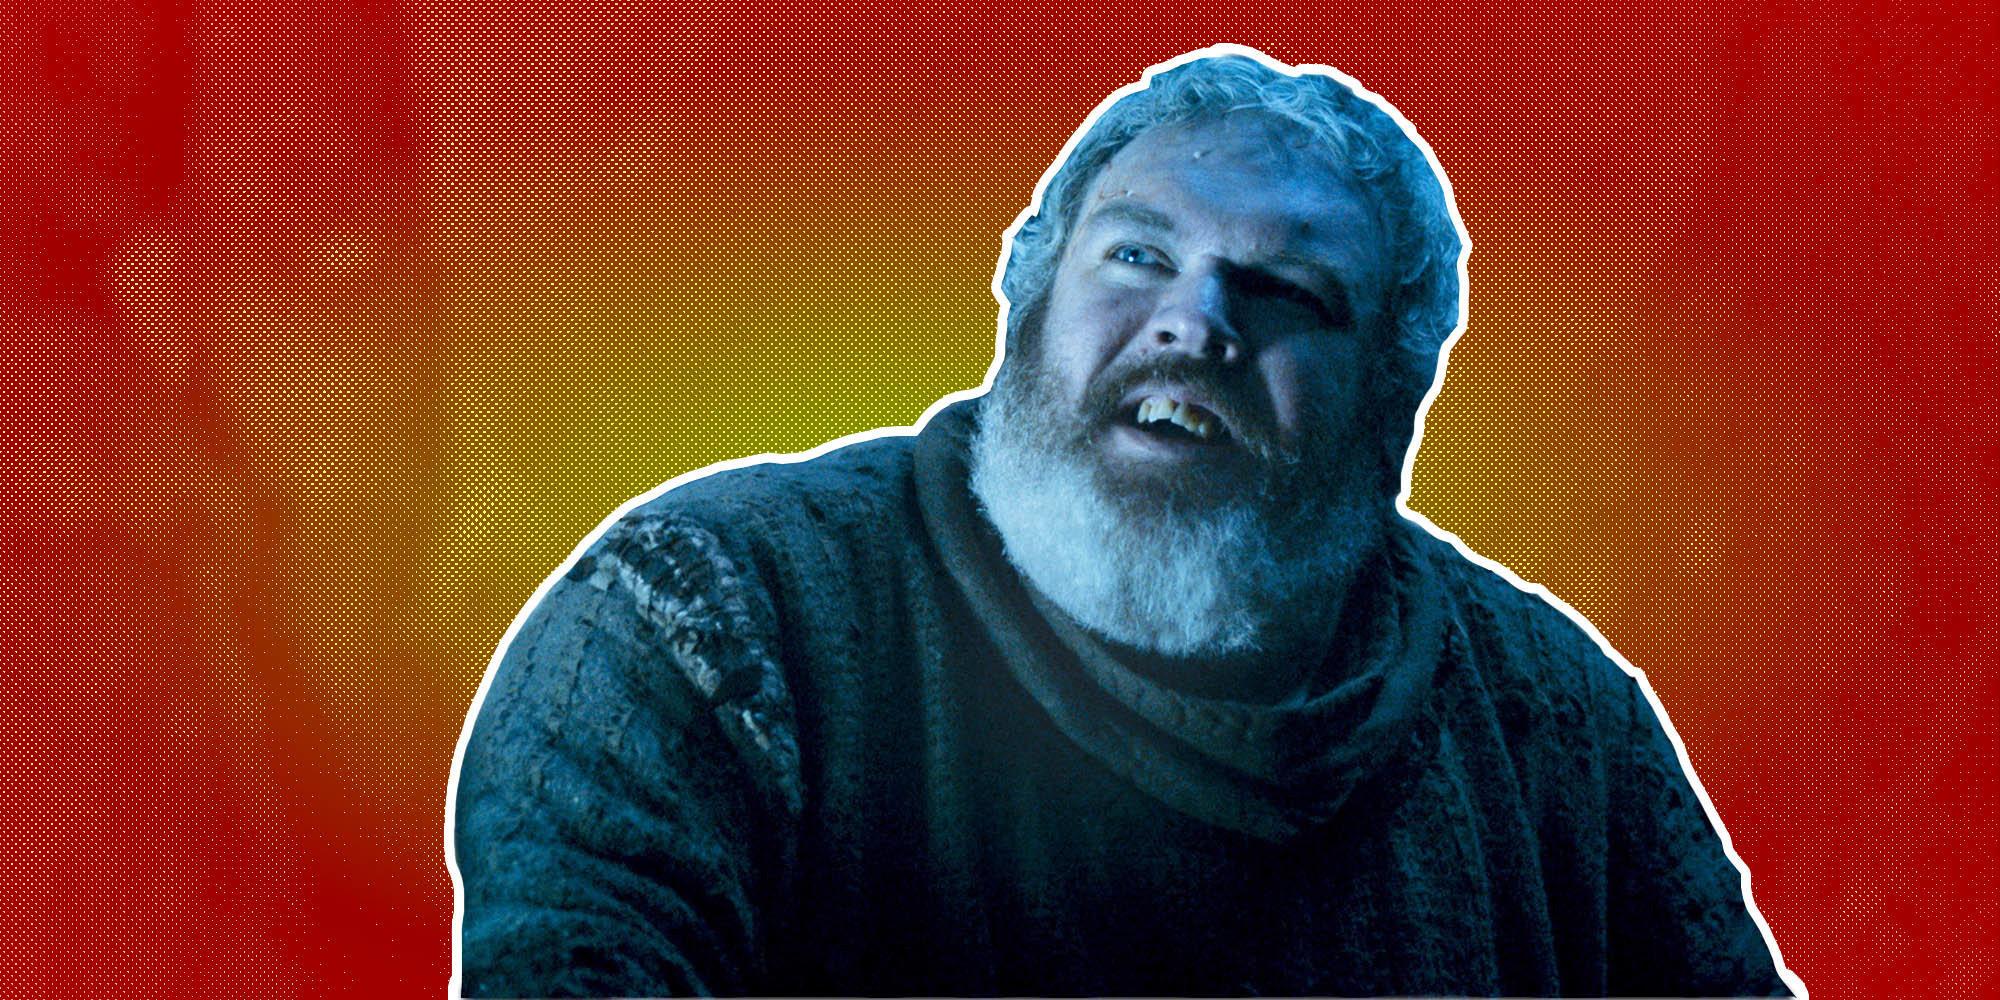 Hodor Hodor Hodor Hodor.